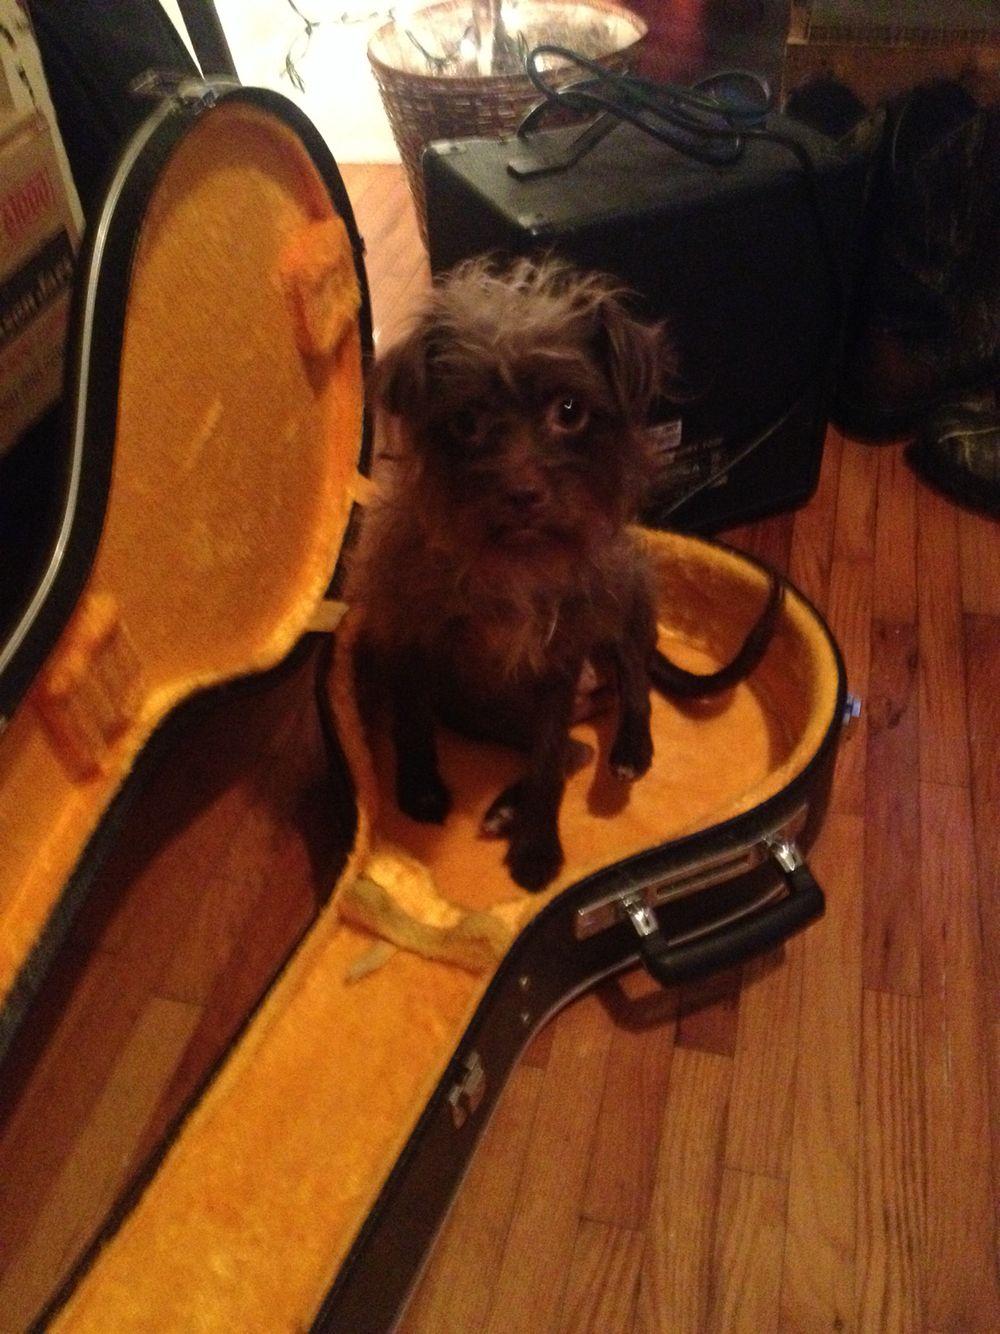 Willo in my banjo case lol